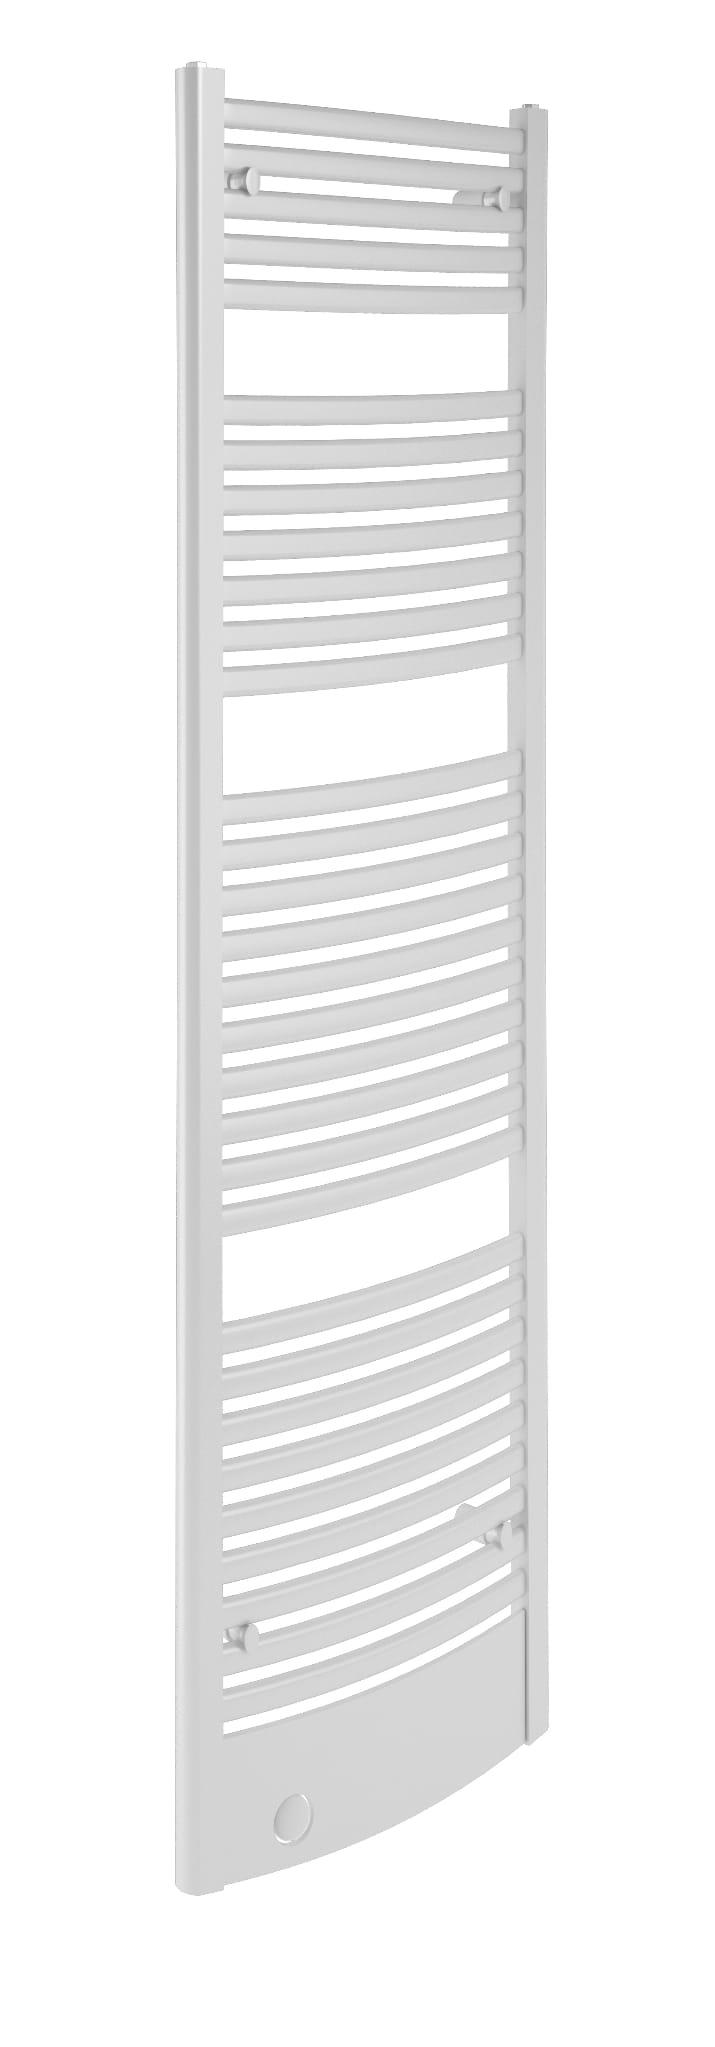 Sanotechnik - GRAZ - Kúpeľňový radiátor biely 937W 590 x 1785 mm